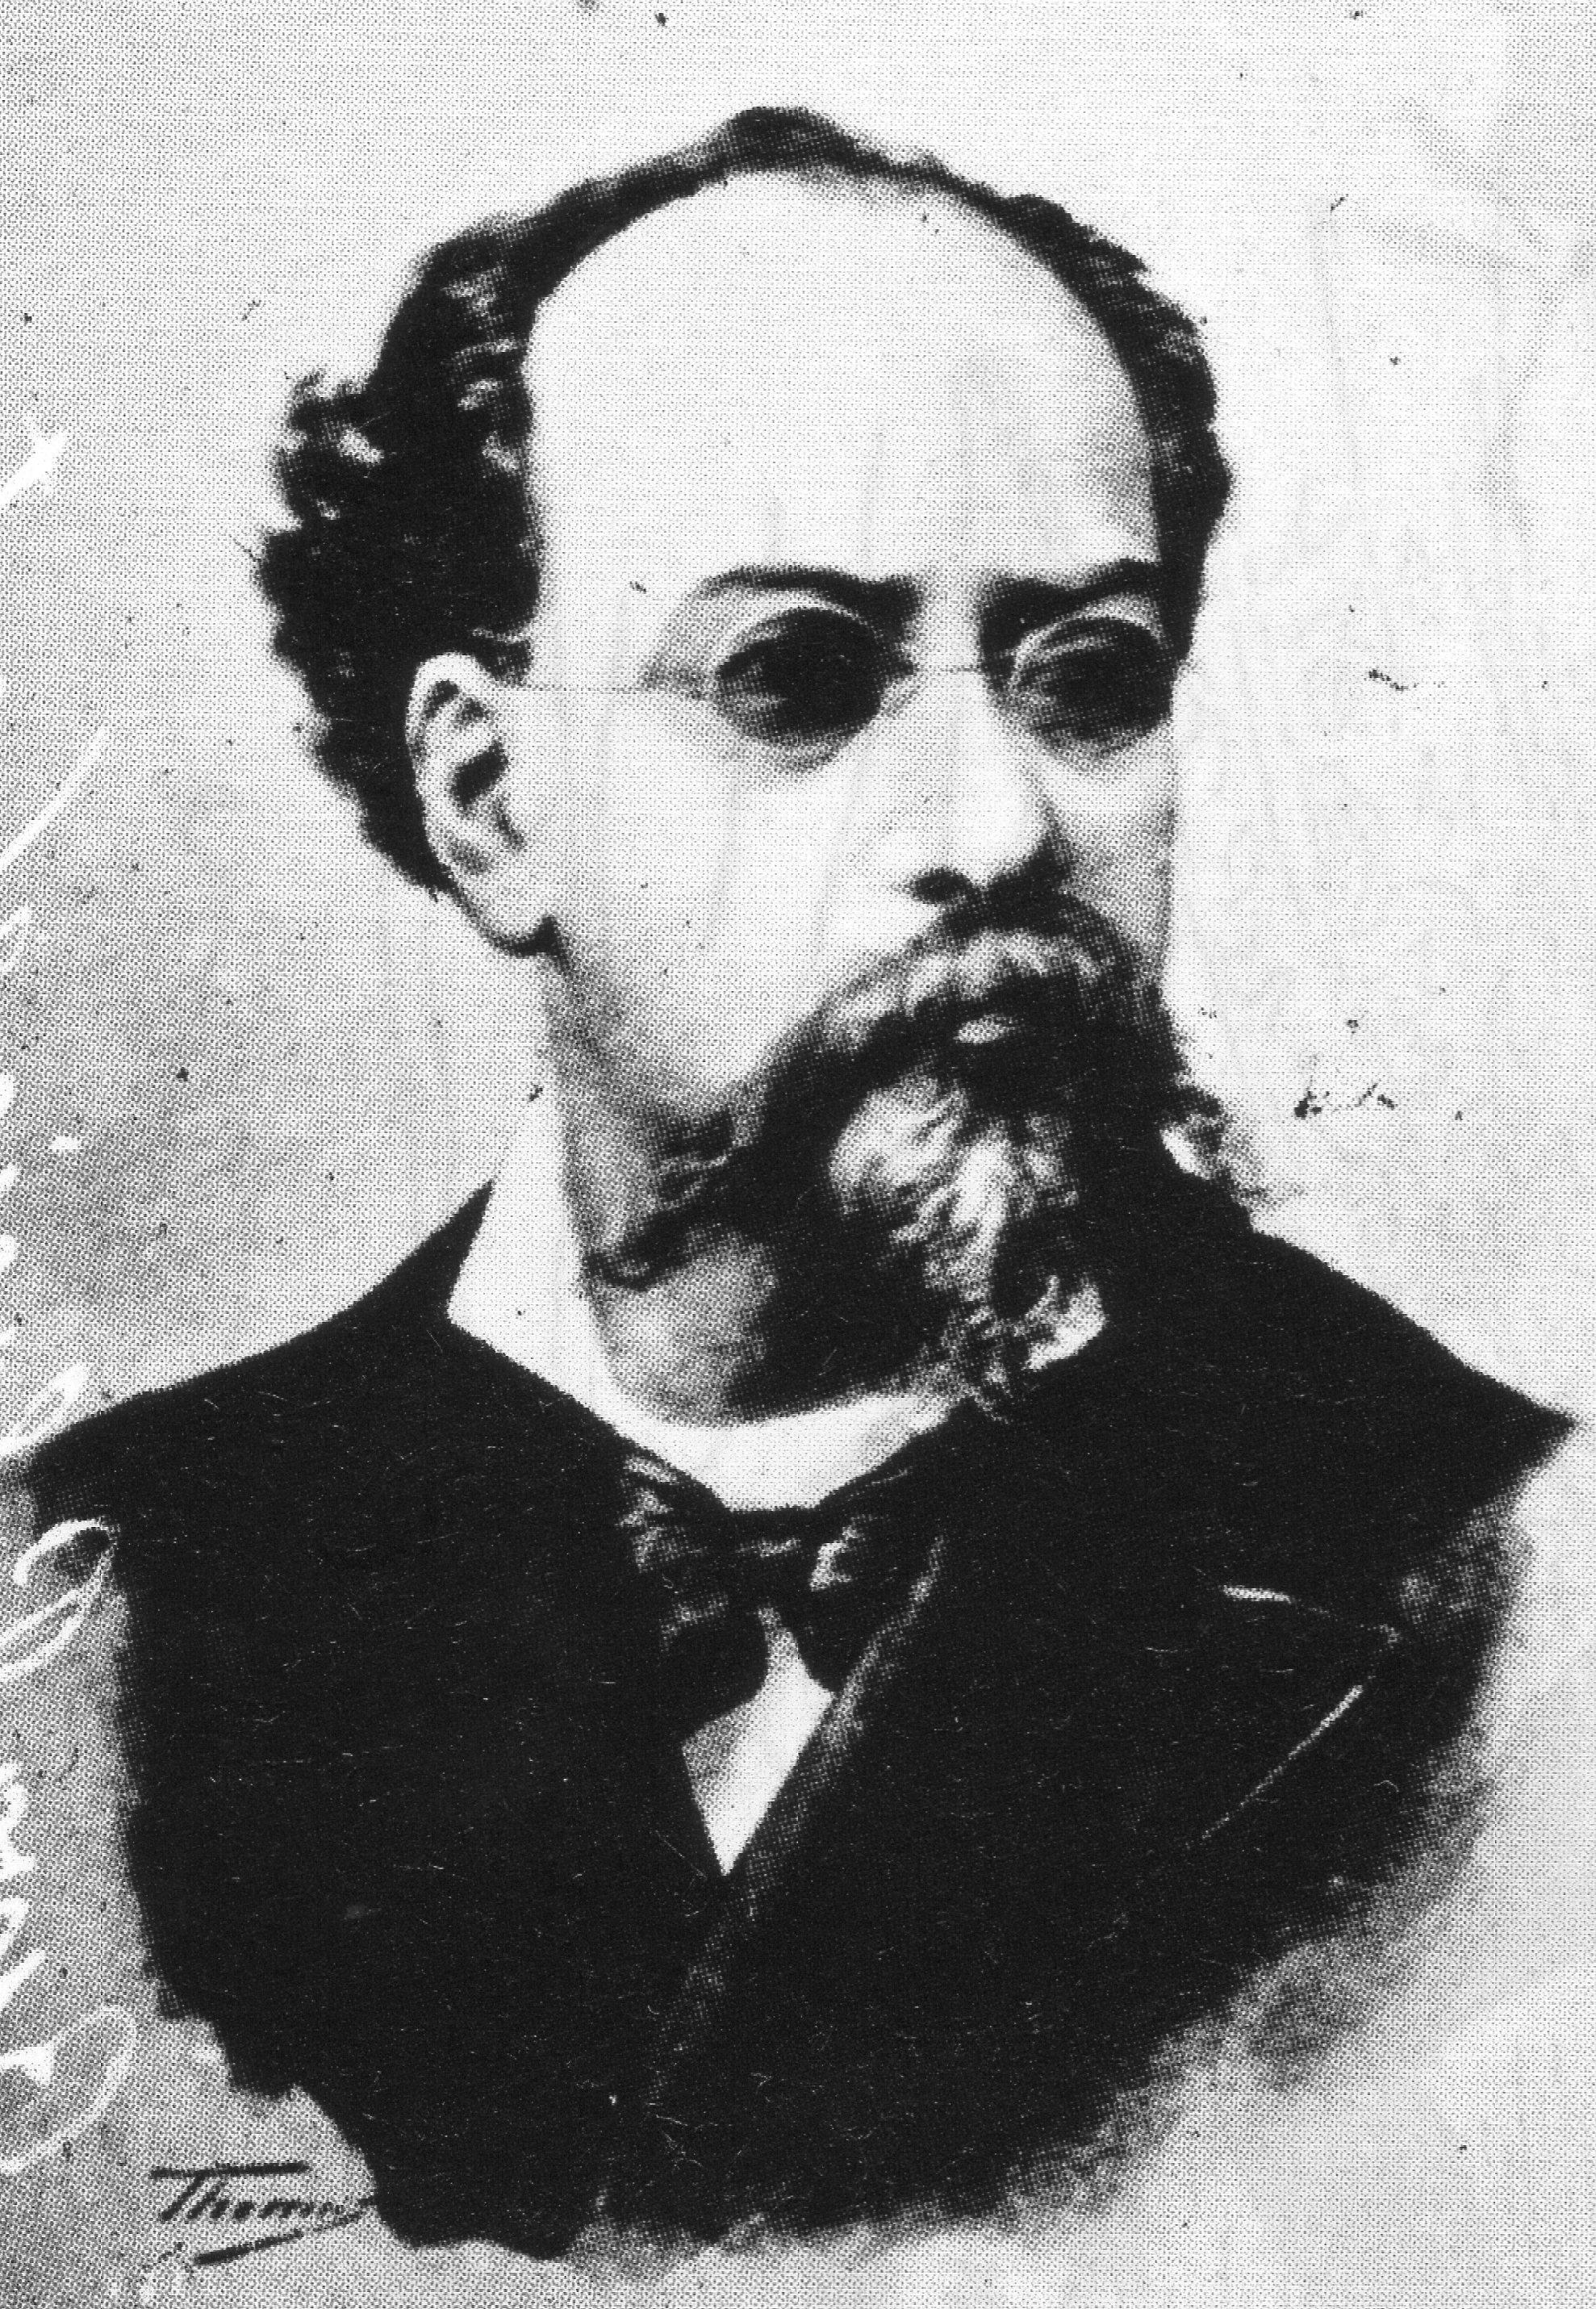 Depiction of Vicente Riva Palacio